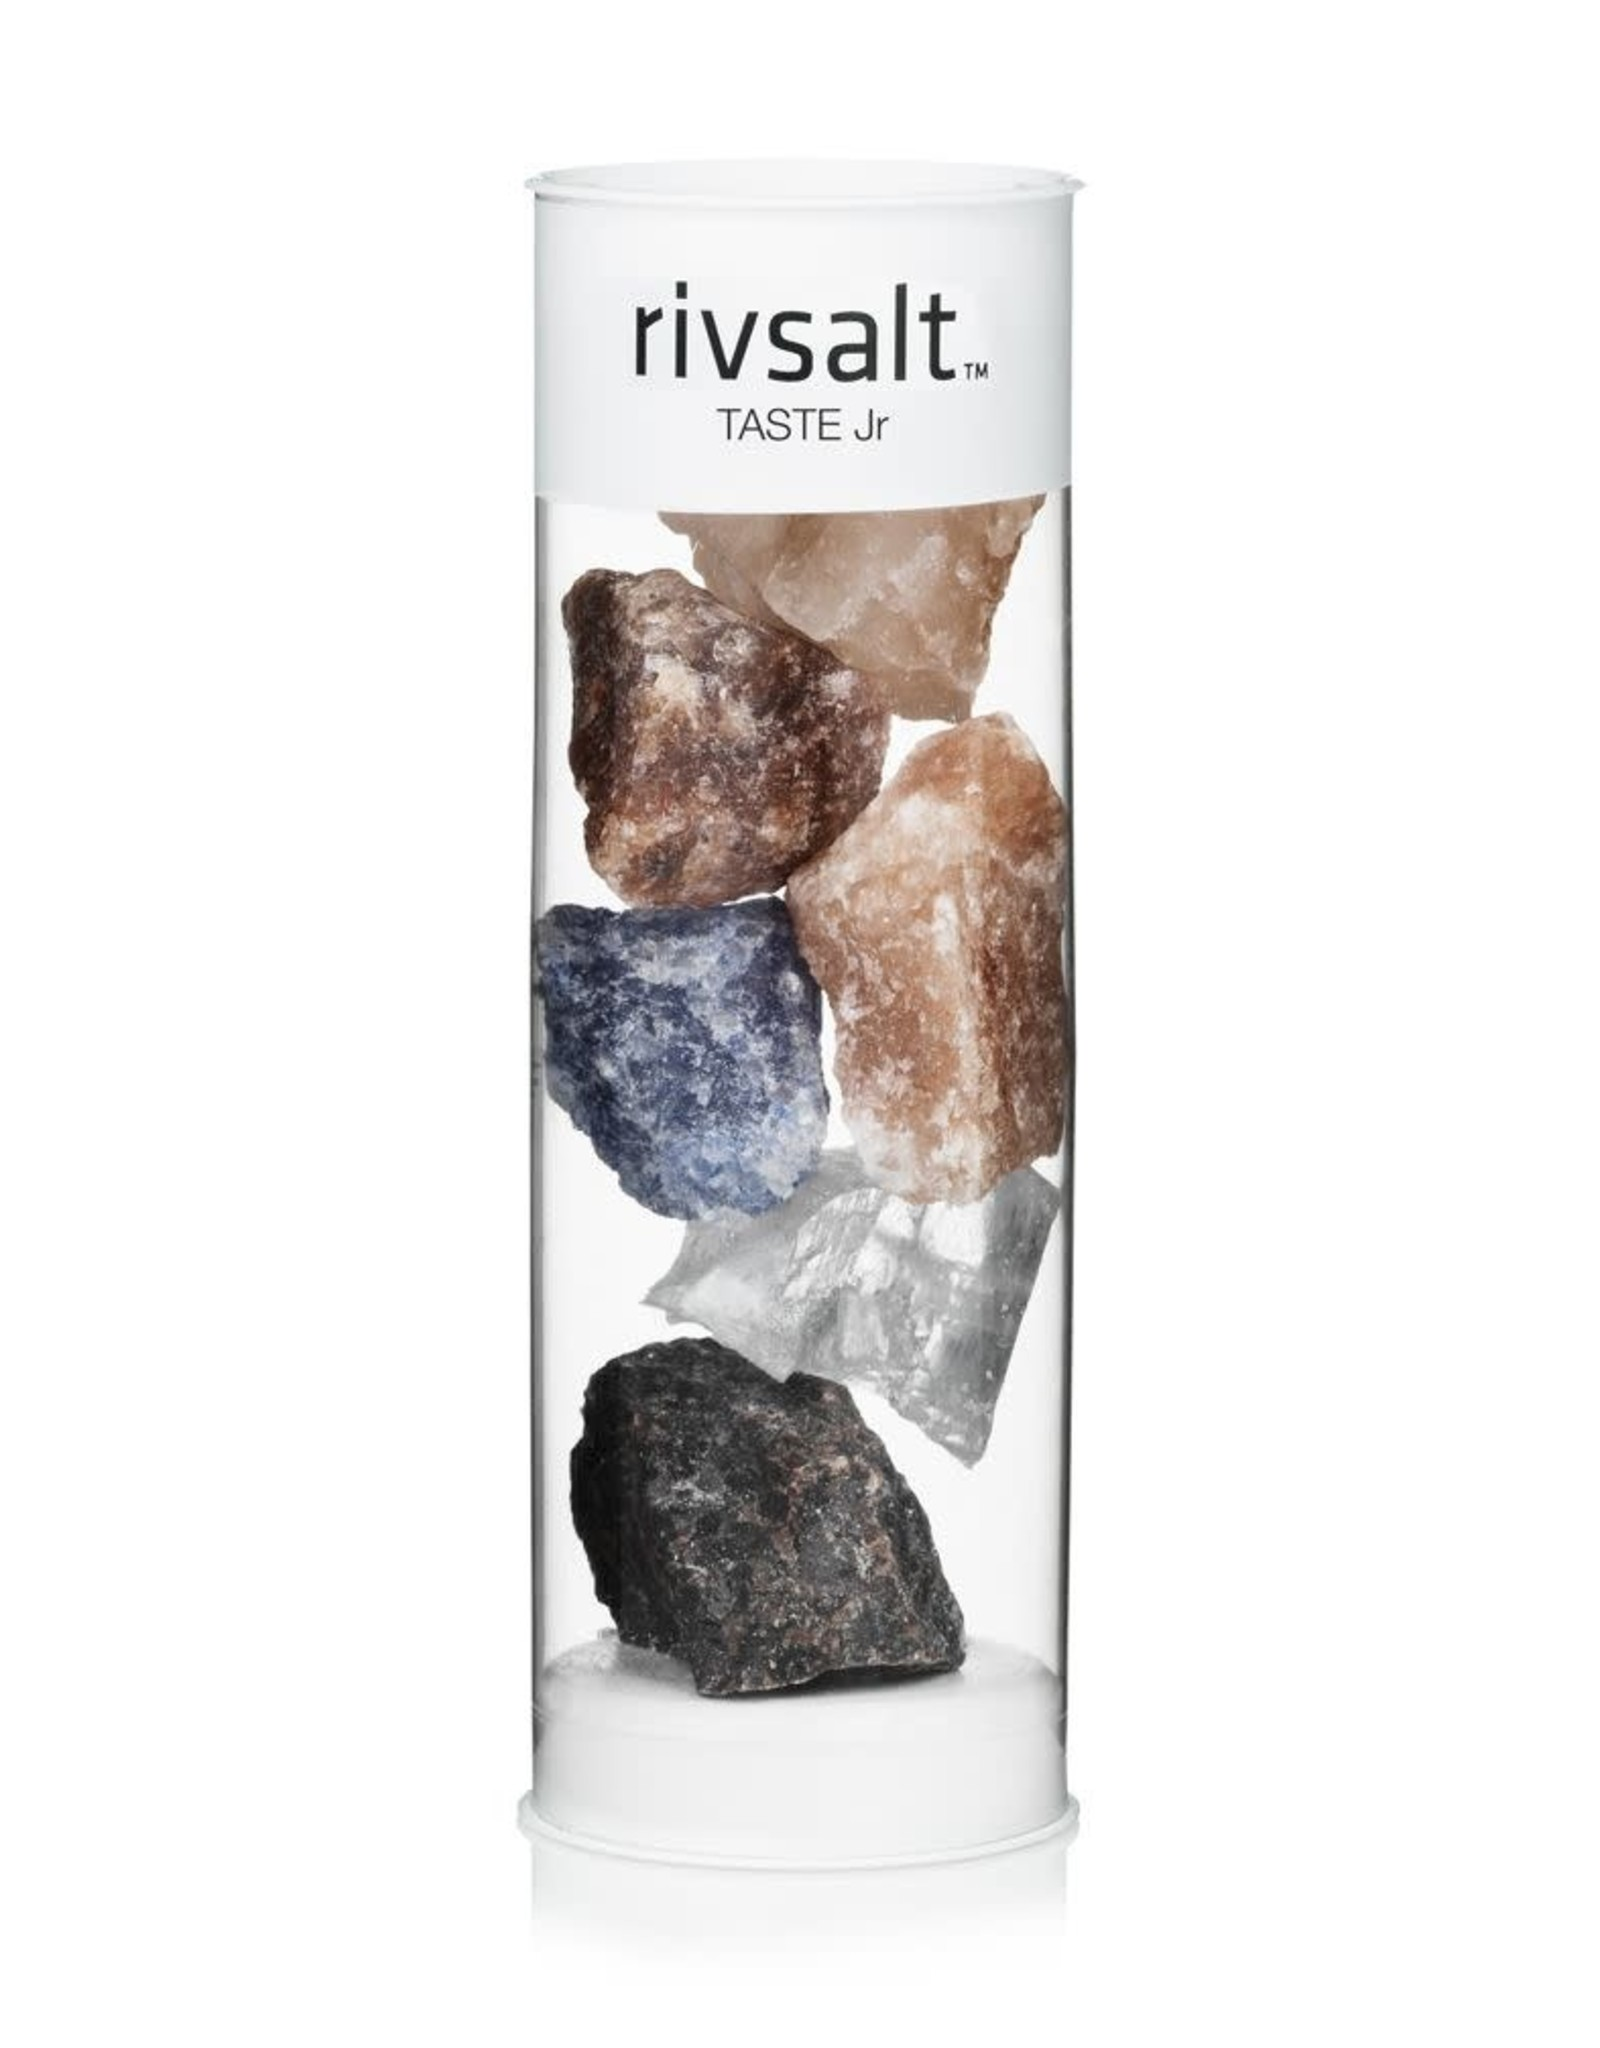 Rivsalt - Taste